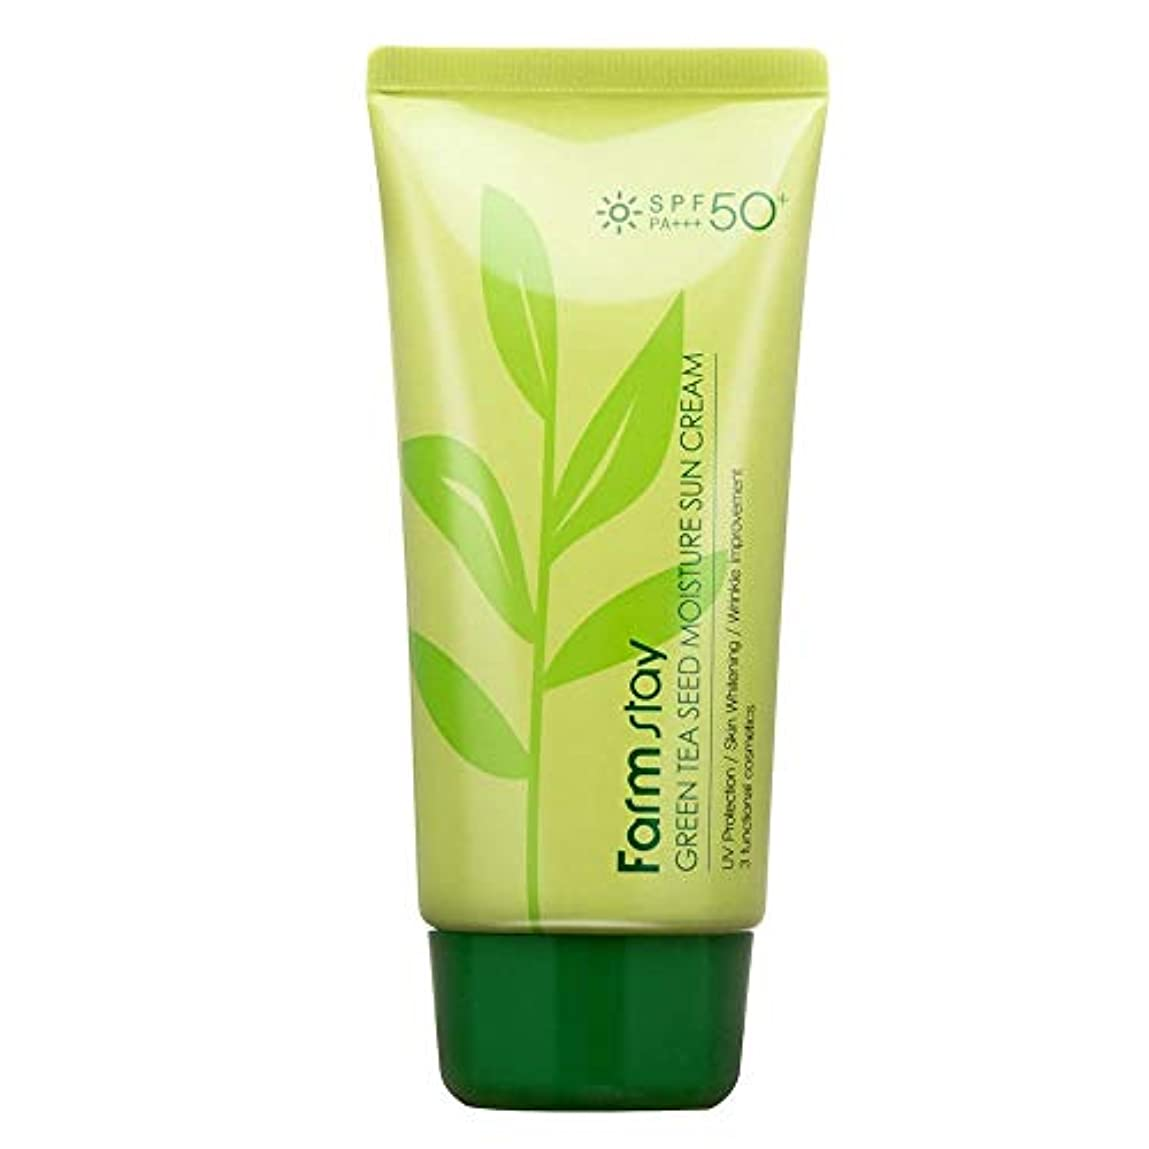 擁する知り合いになるチケットファームステイ[Farm Stay] グリーンティーシードモイスチャーサンクリーム 70g (美白&しわ防止) / Green Tea Seed Moisture Sun Cream